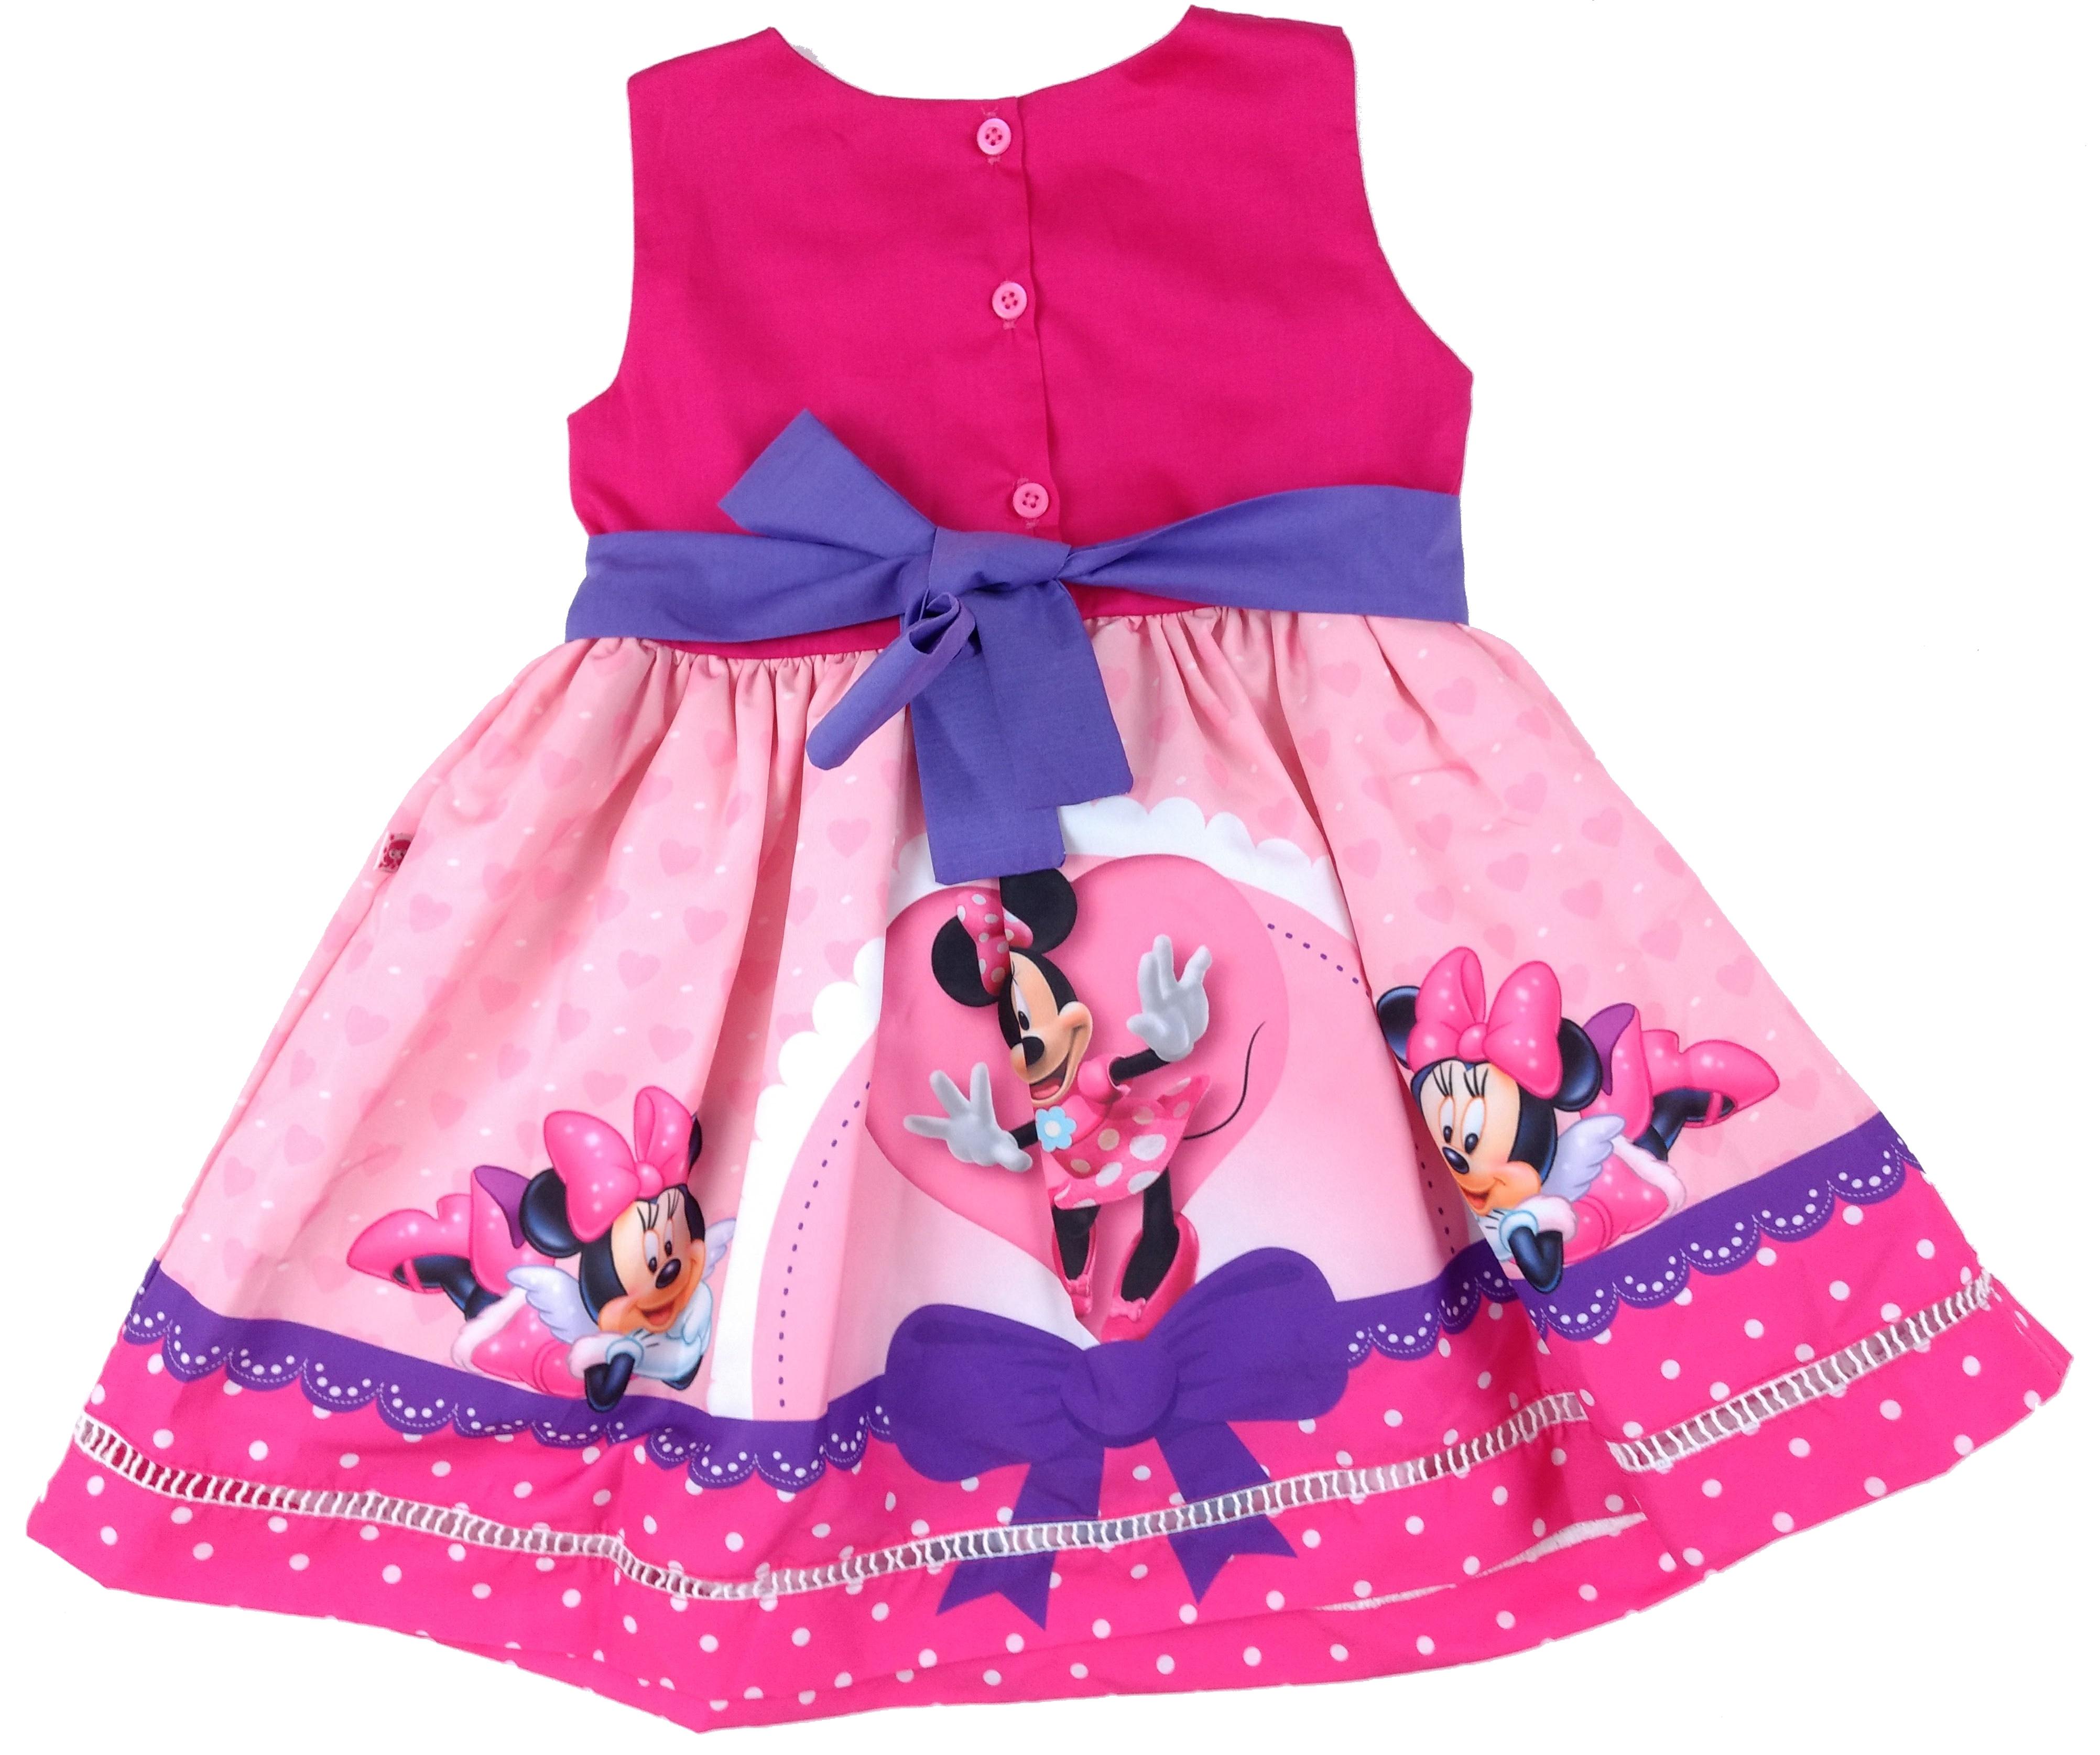 Vestido Minnie Rosa Arco Tam 1 2 4 6 No Elo7 Outlet Kids A8e868